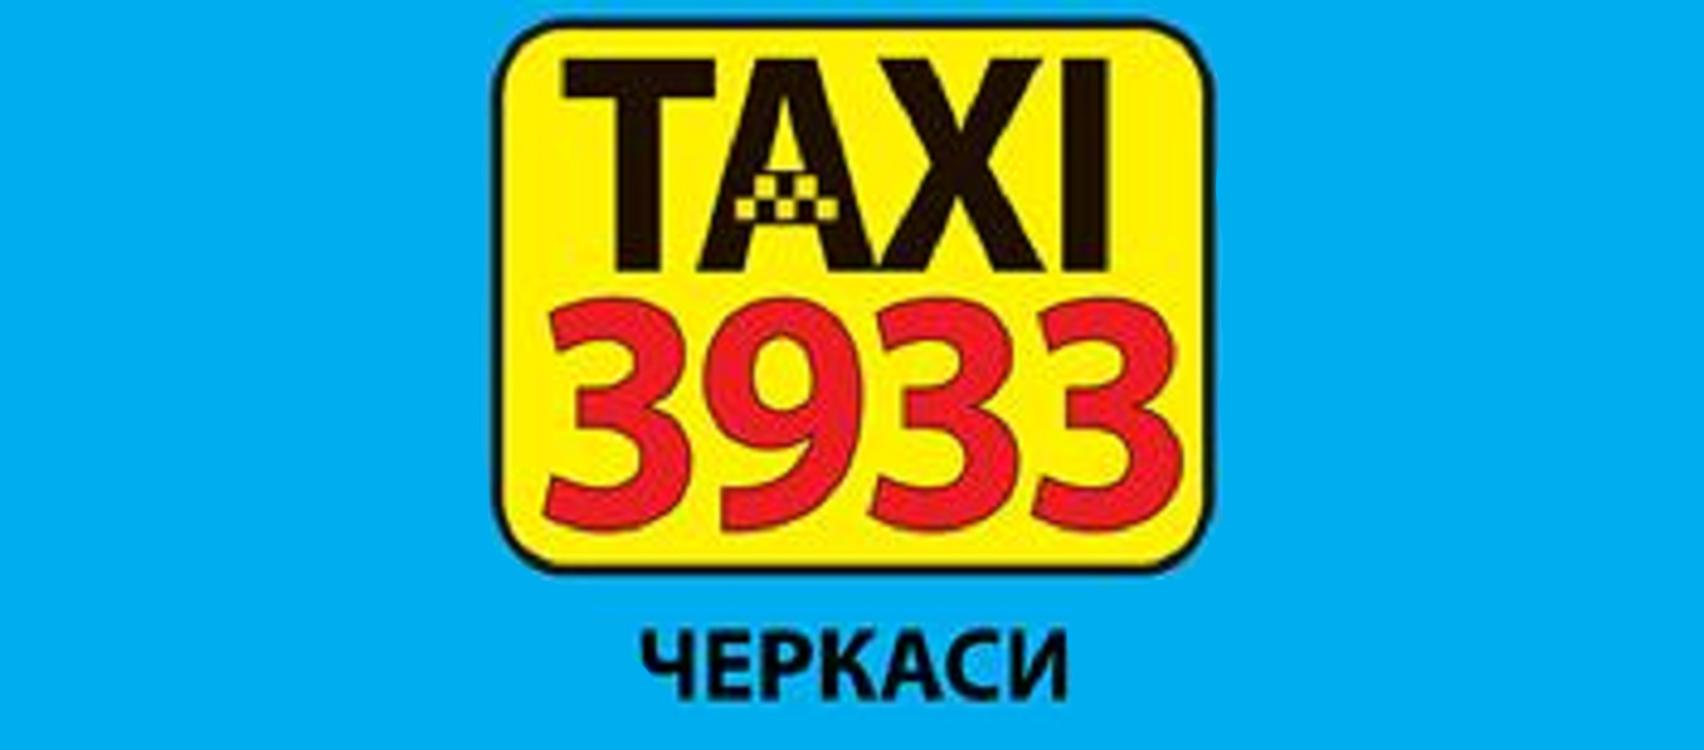 Таксі 3933 (Черкаси)